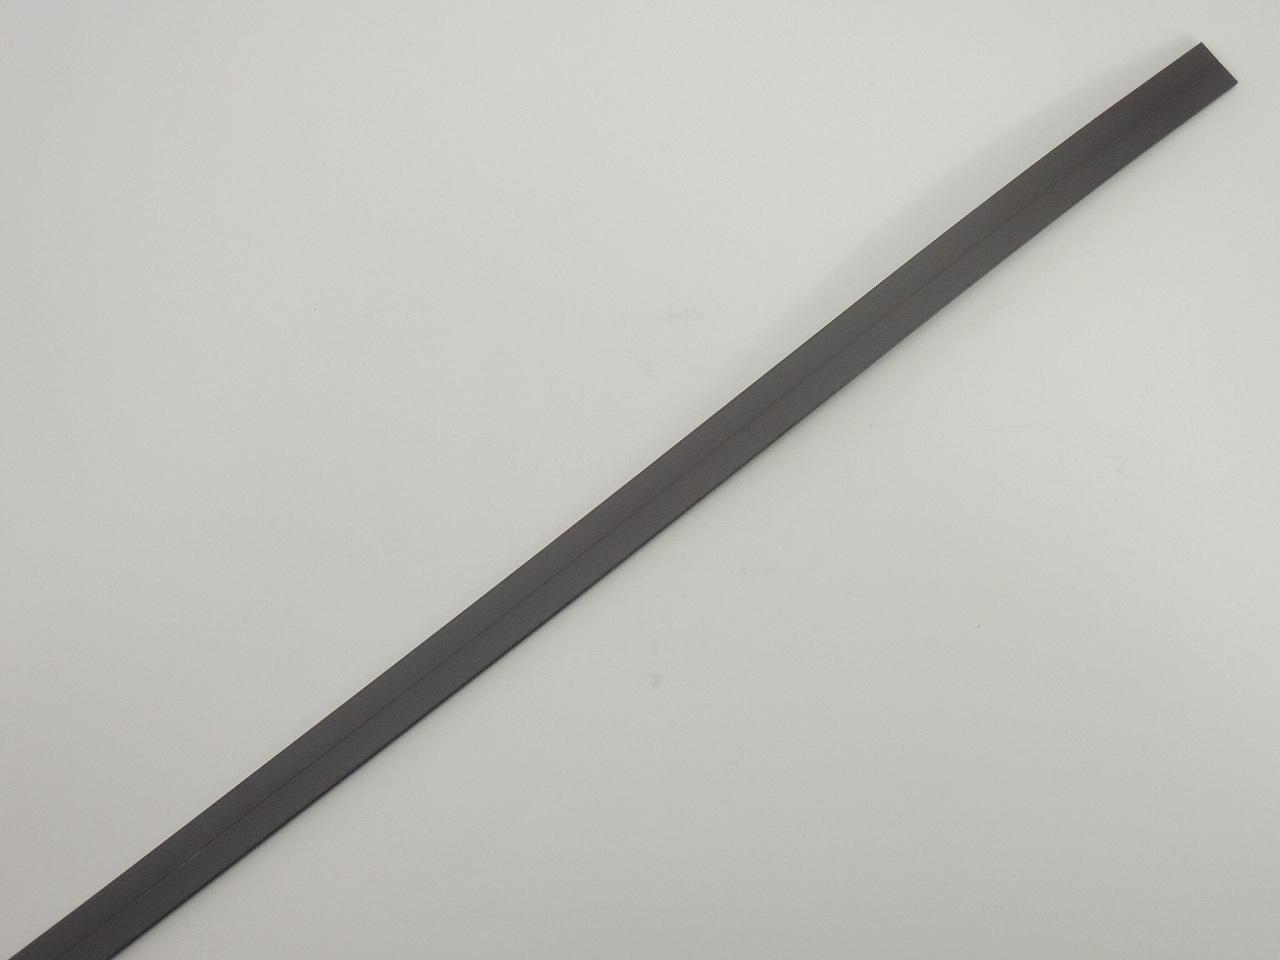 板ゴム状のマグネットです ベスト まとめ買い特価 板ゴムマグネット 2×10×1000 正規店 17-41